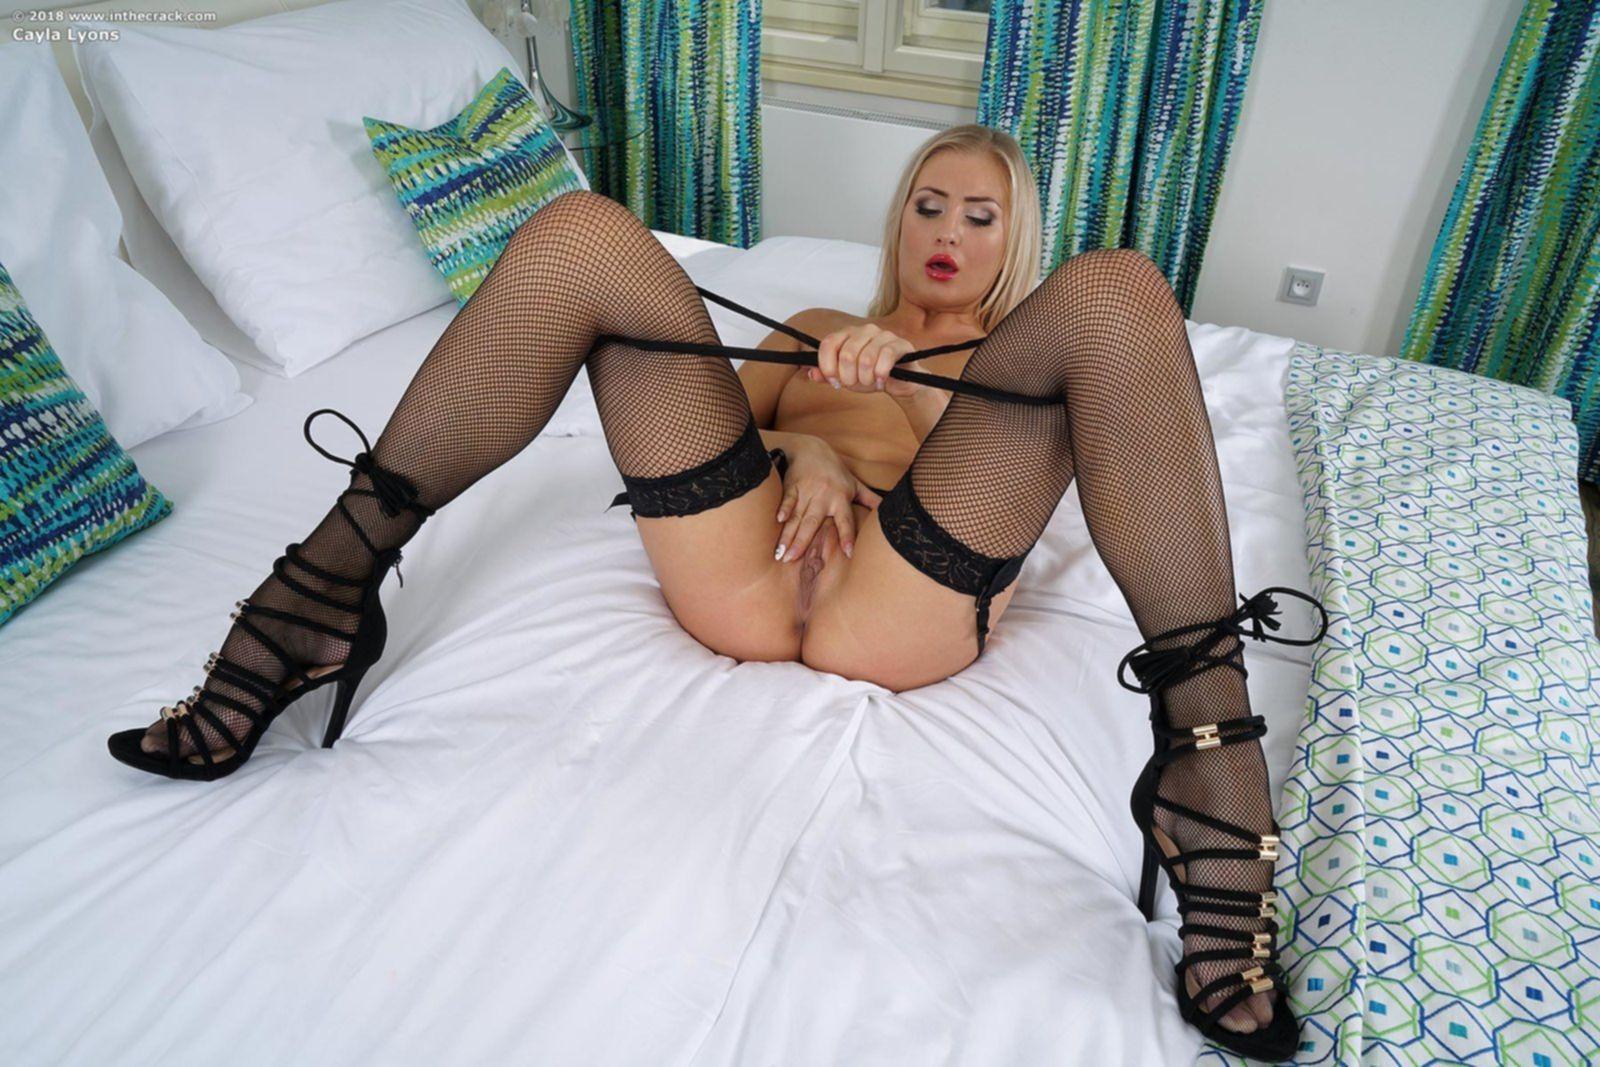 Сексуальная блондинка в чулках позирует в спальне - фото